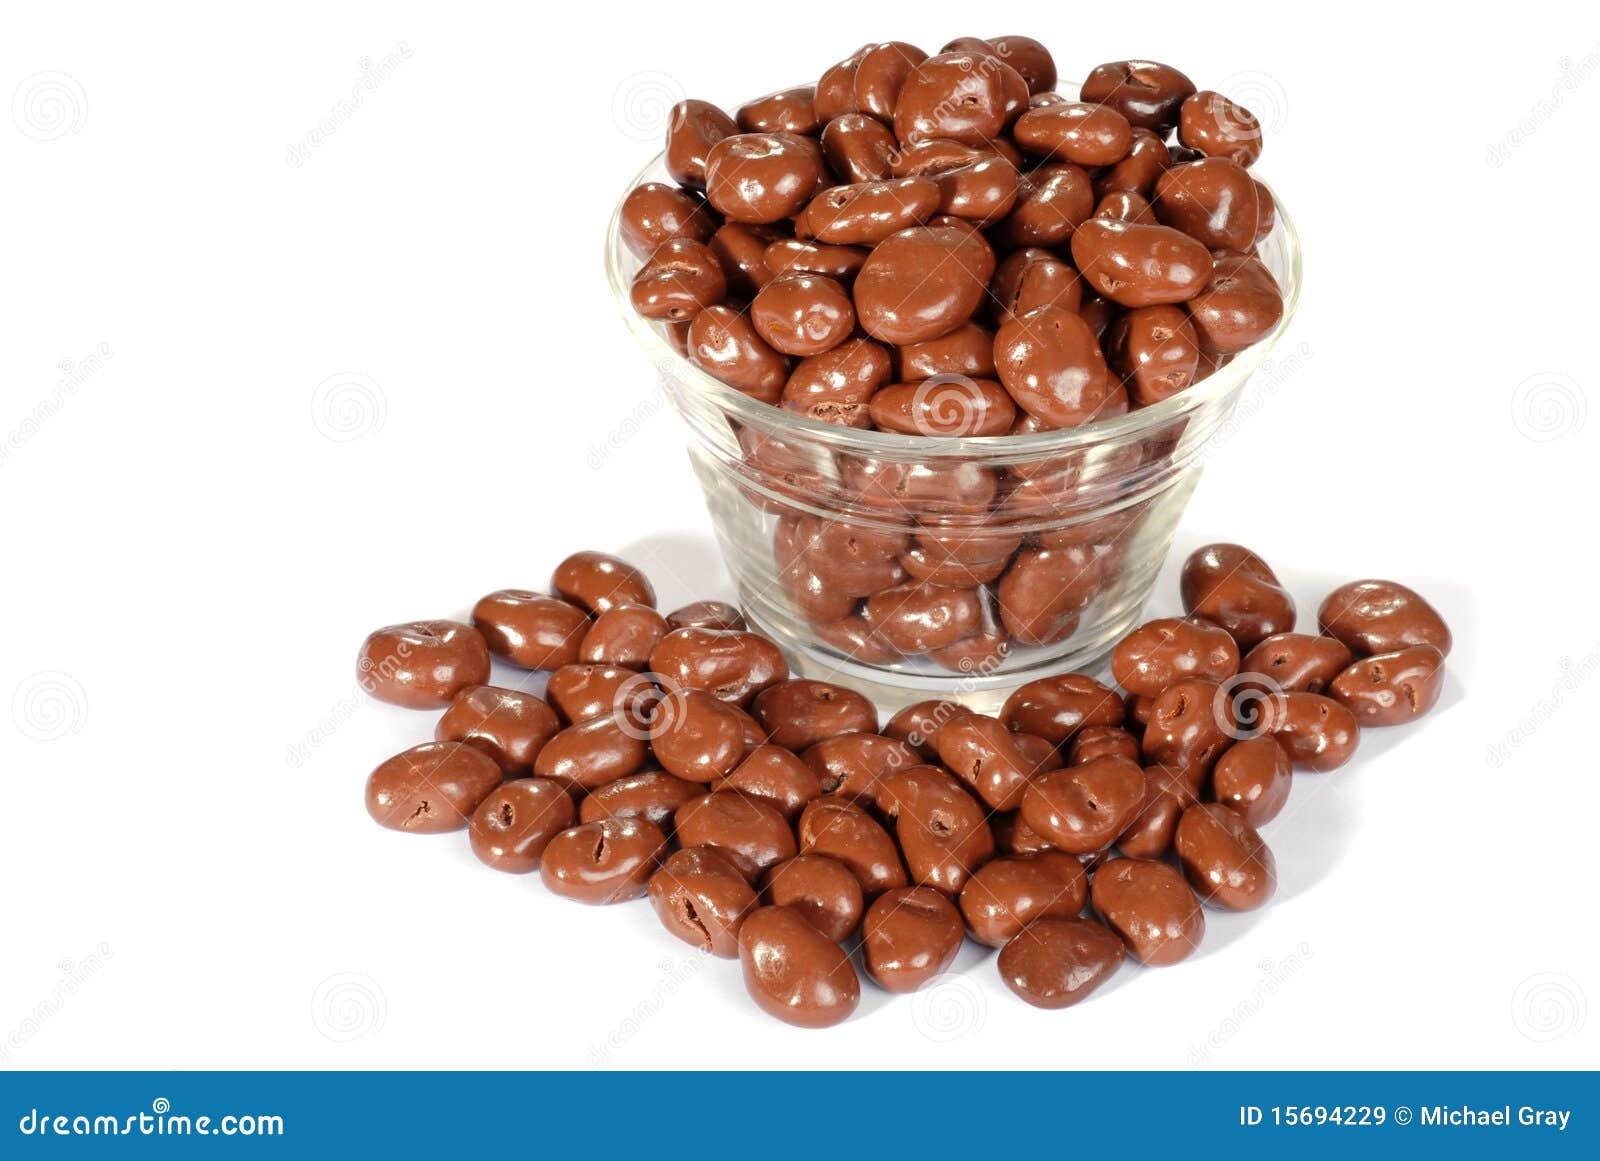 碗涂了巧克力的葡萄干